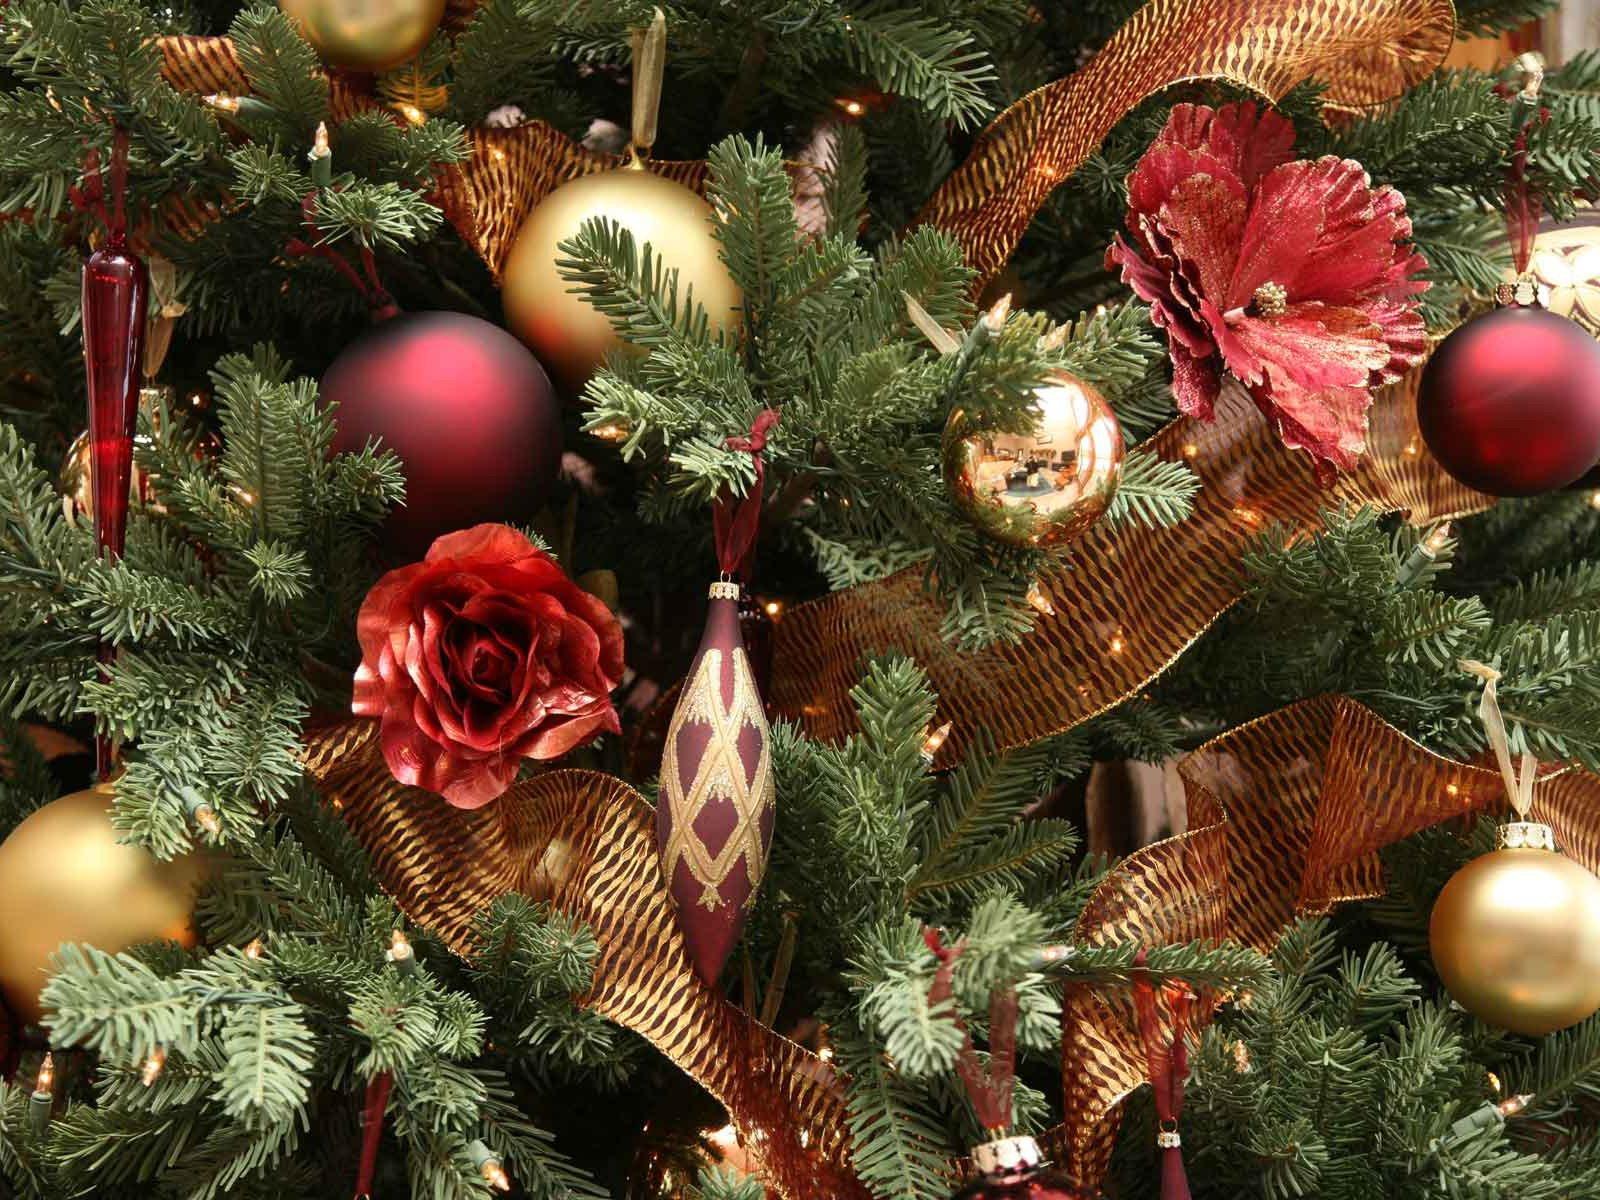 90adb17395 1600x1200 px krásny Vianoce darčeky šťastný dovolenka svetla veselý santa  snehuliak strom dovolenka. 0 0. Zadarmo na stiahnutie Original